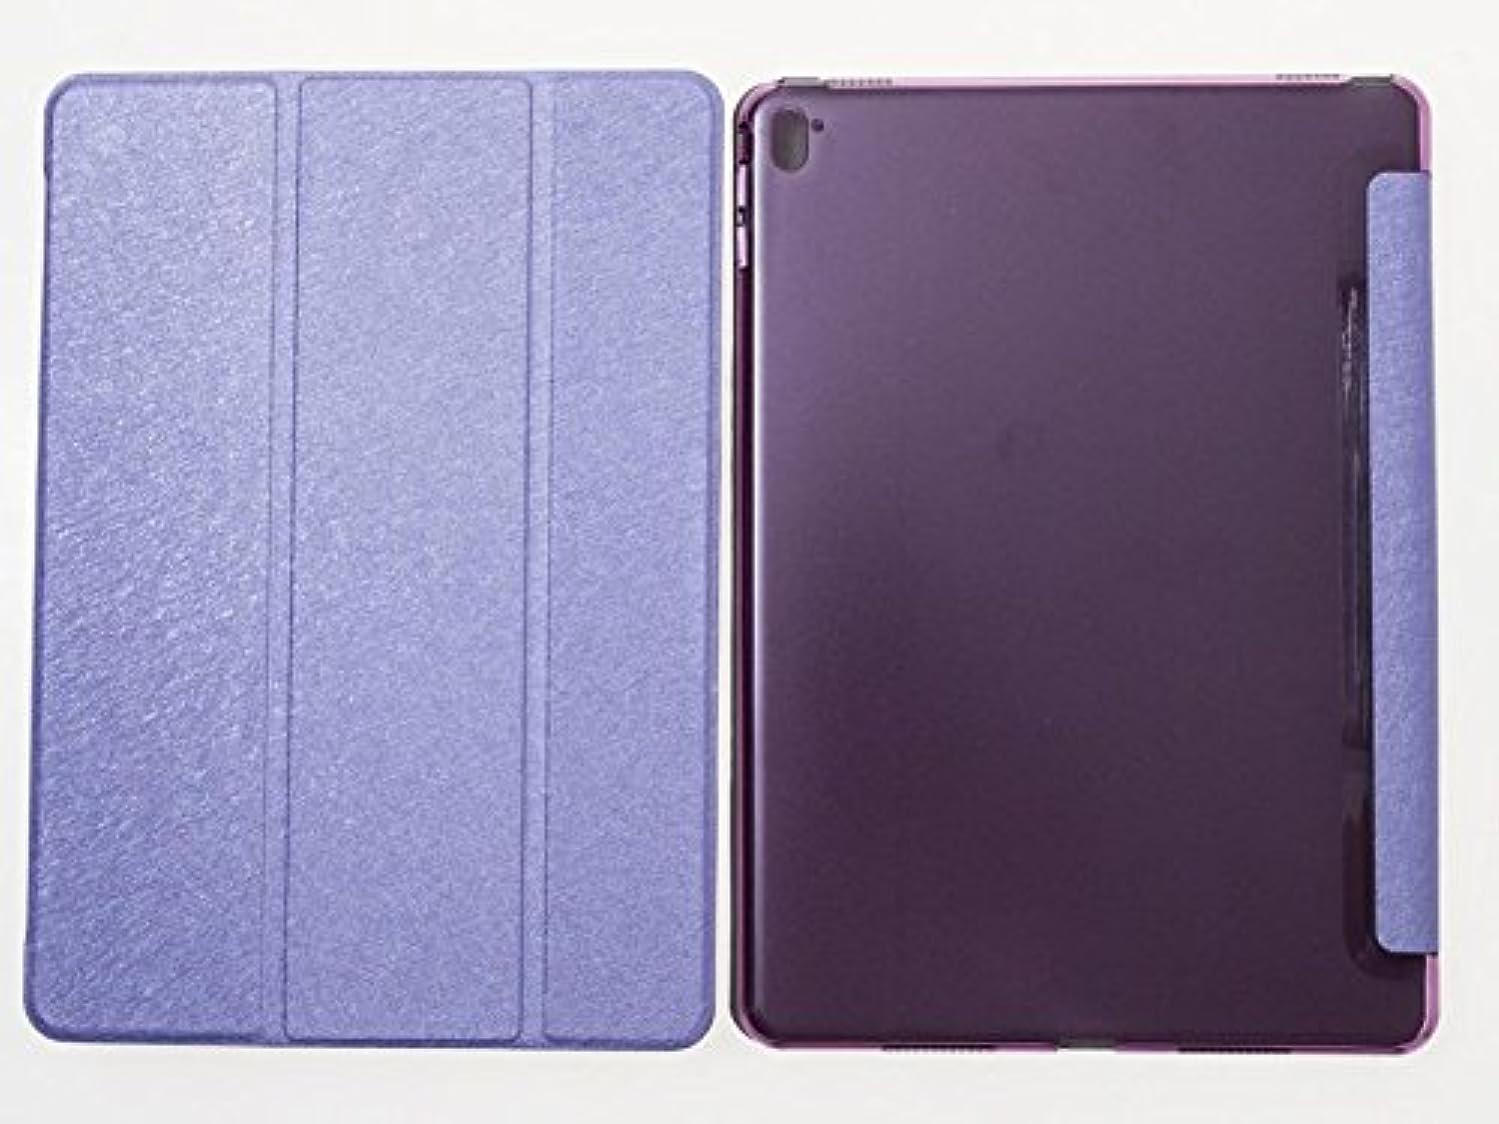 シャーロックホームズ珍味登山家Apple iPad Pro 9.7用 シルク調 PUレザー 三つ折り 手帳式 カバー スタンドケース#パープル